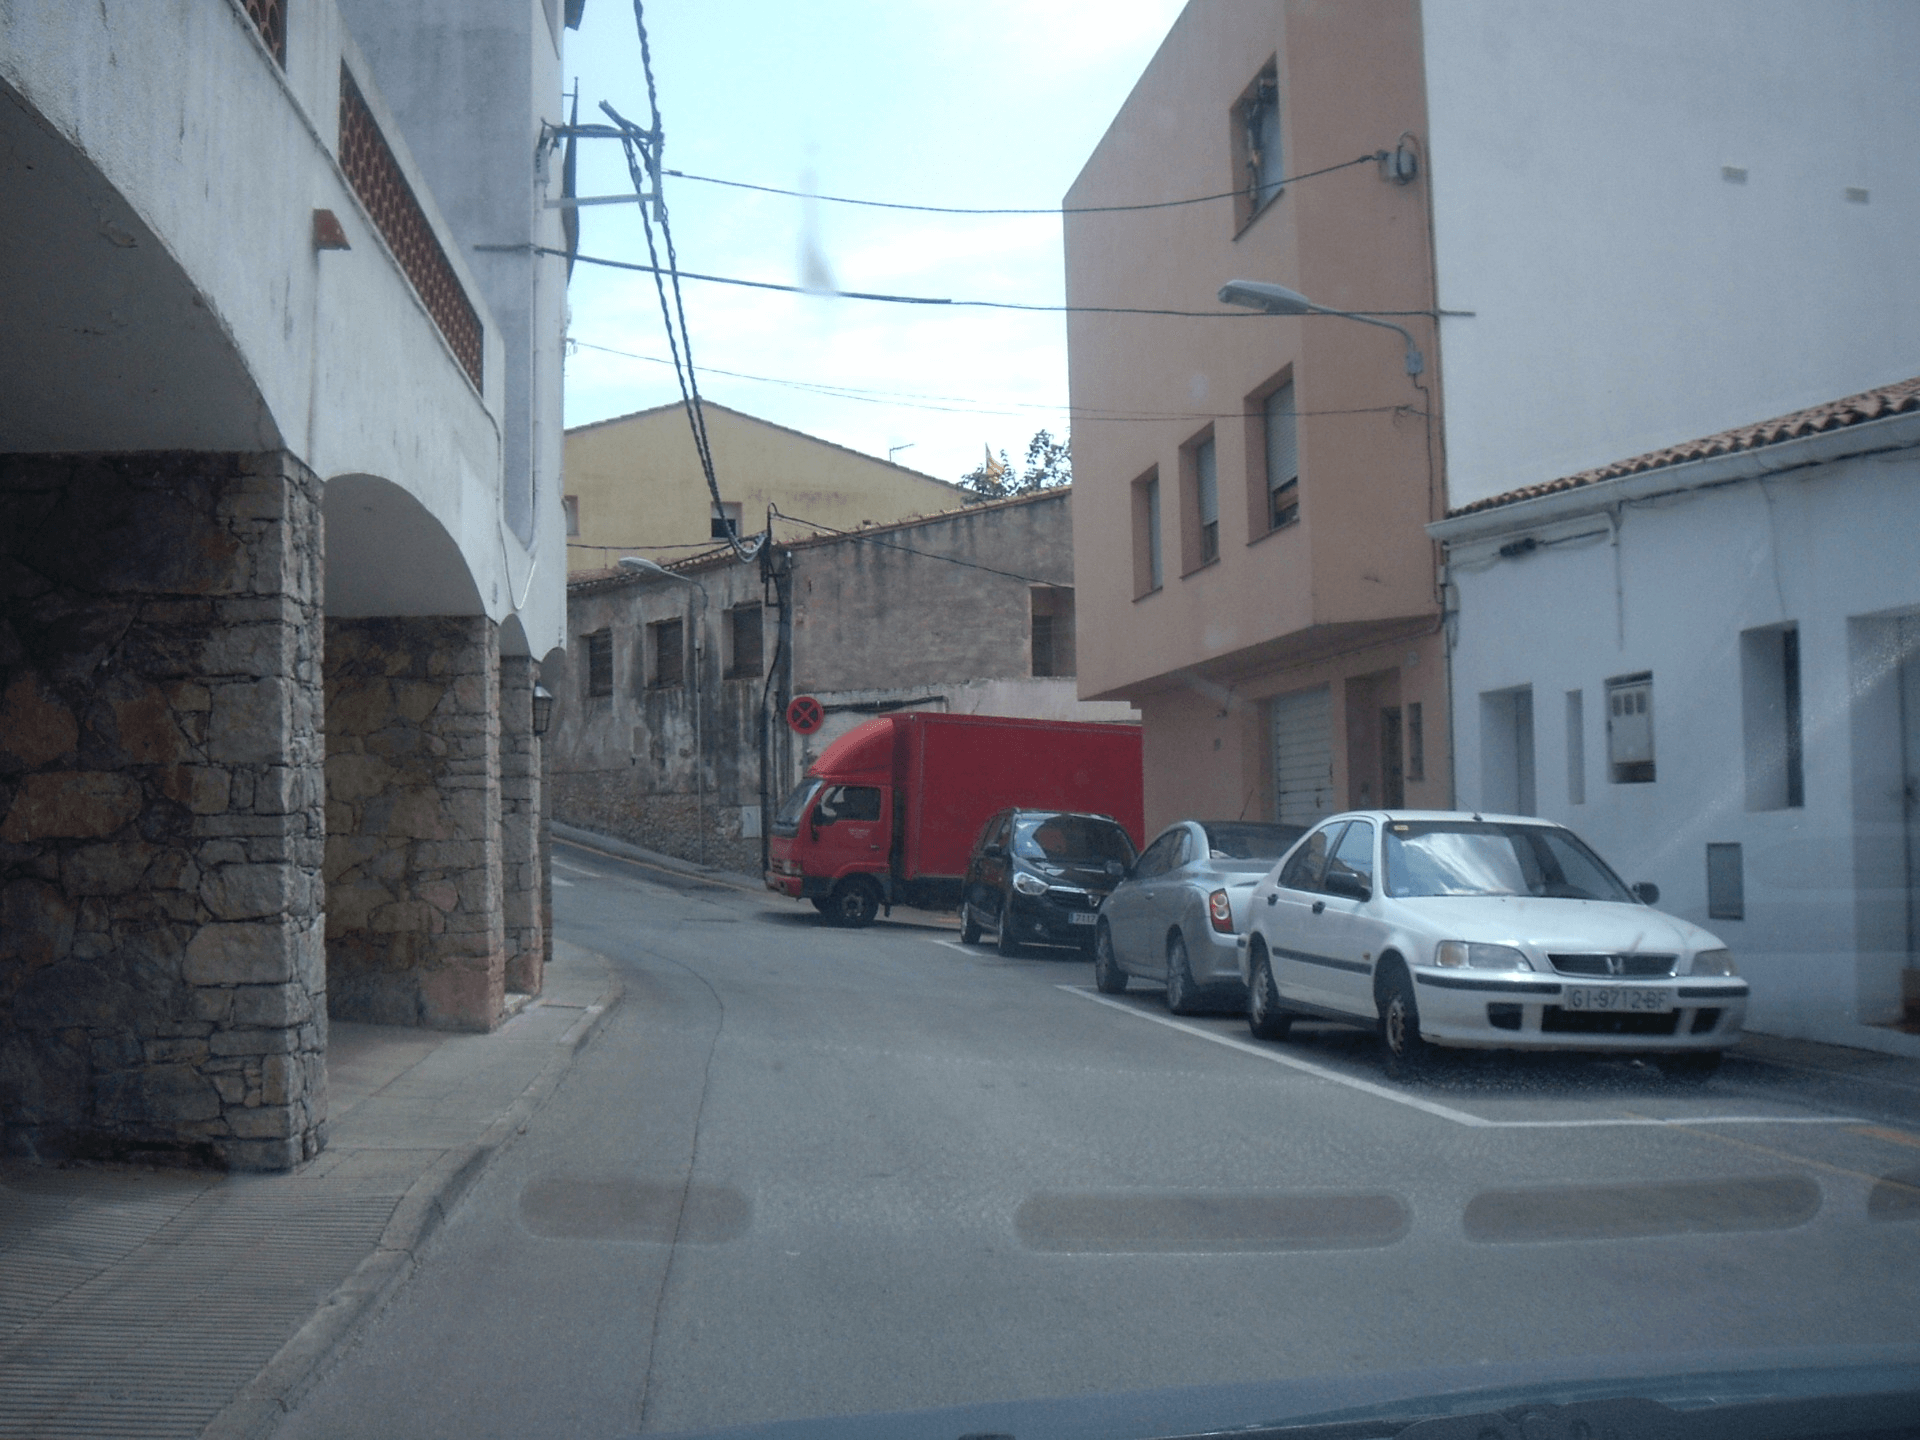 Camió descarregant al Ptge d'en Xiscu i la Remei